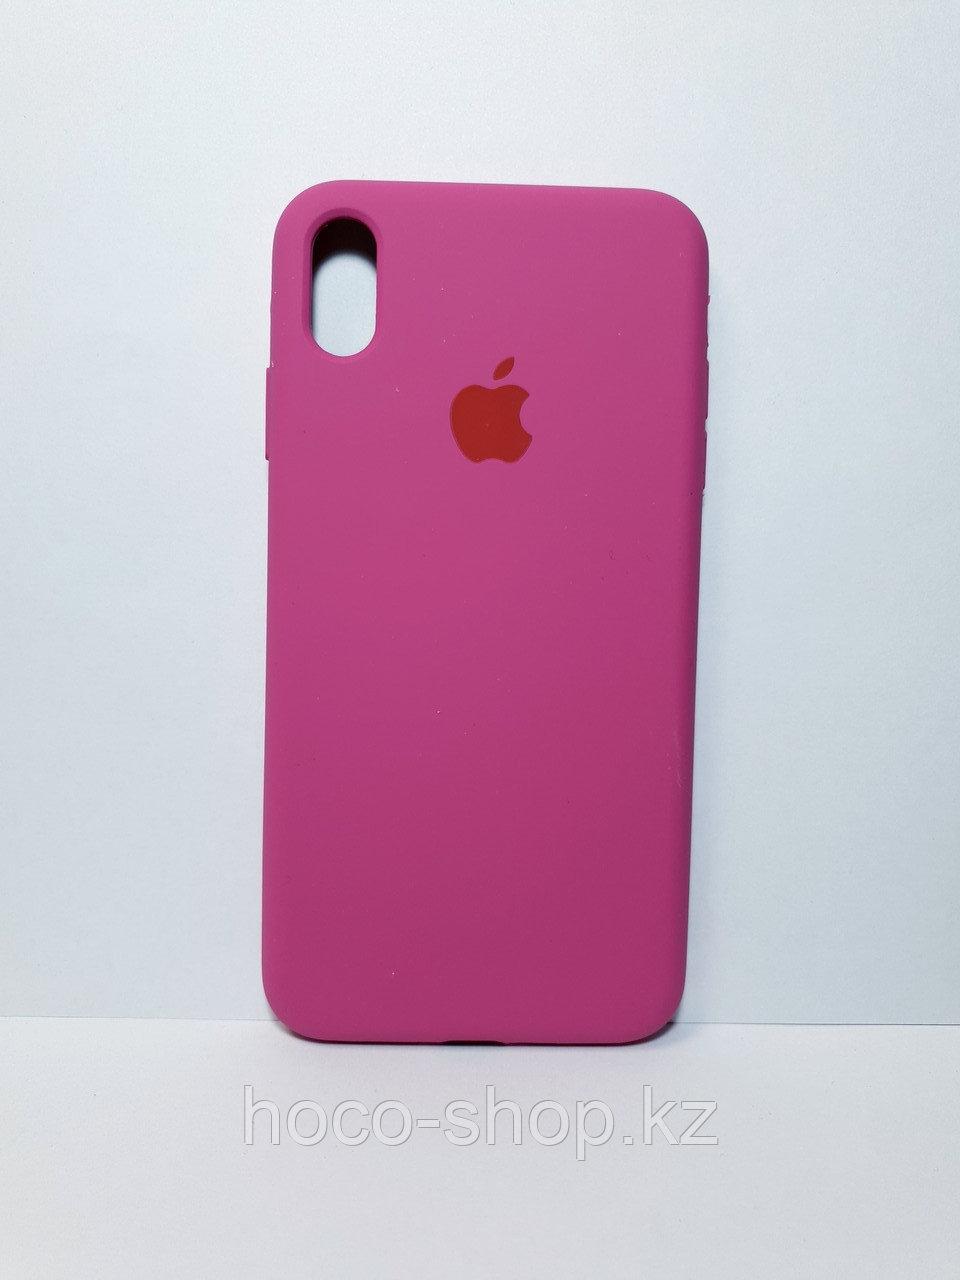 Защитный чехол для iPhone Xs Max Soft Touch силиконовый, темно розовый